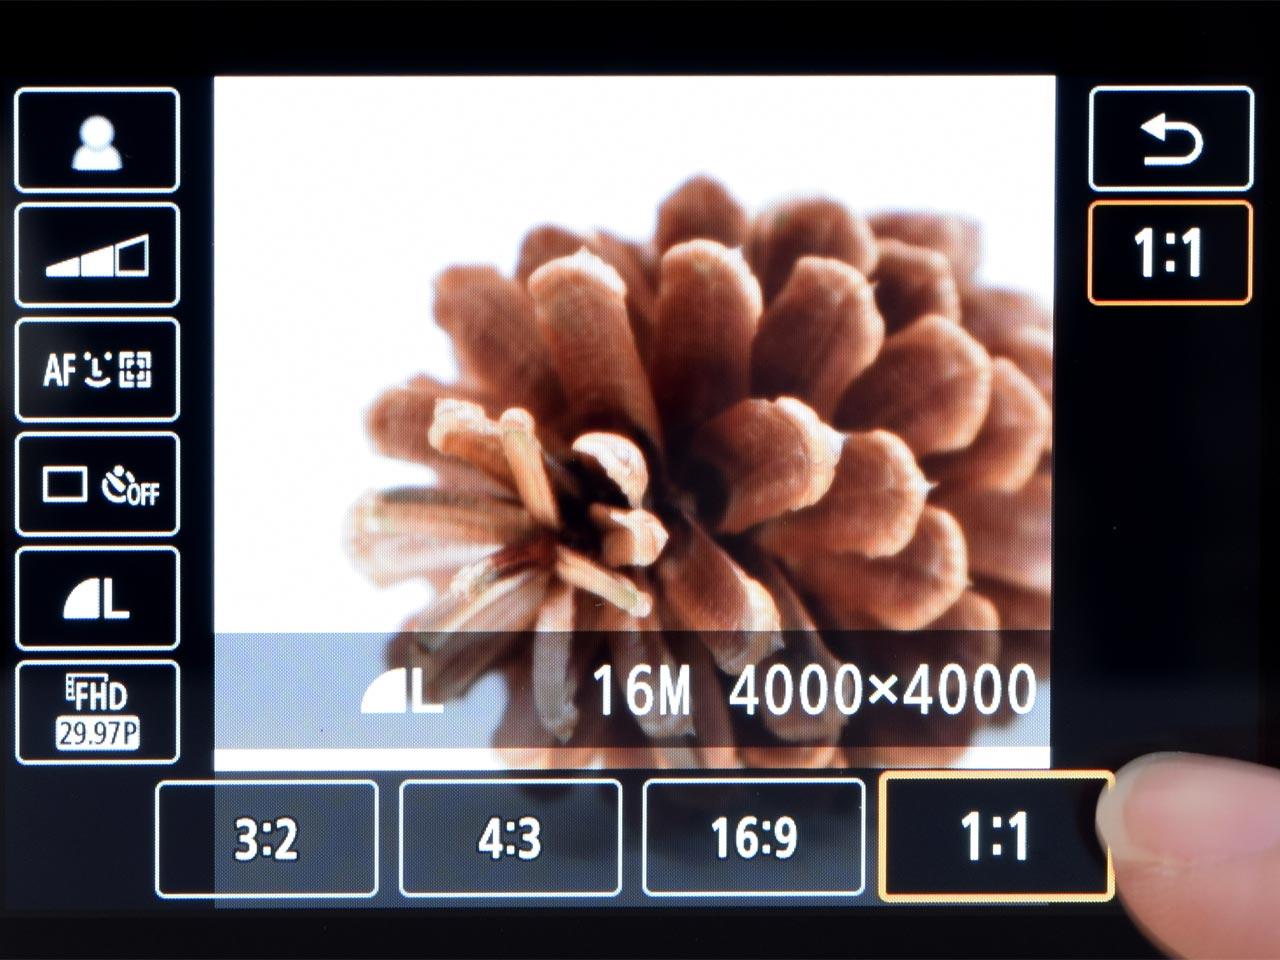 Kiss Mの液晶画面表示イメージ